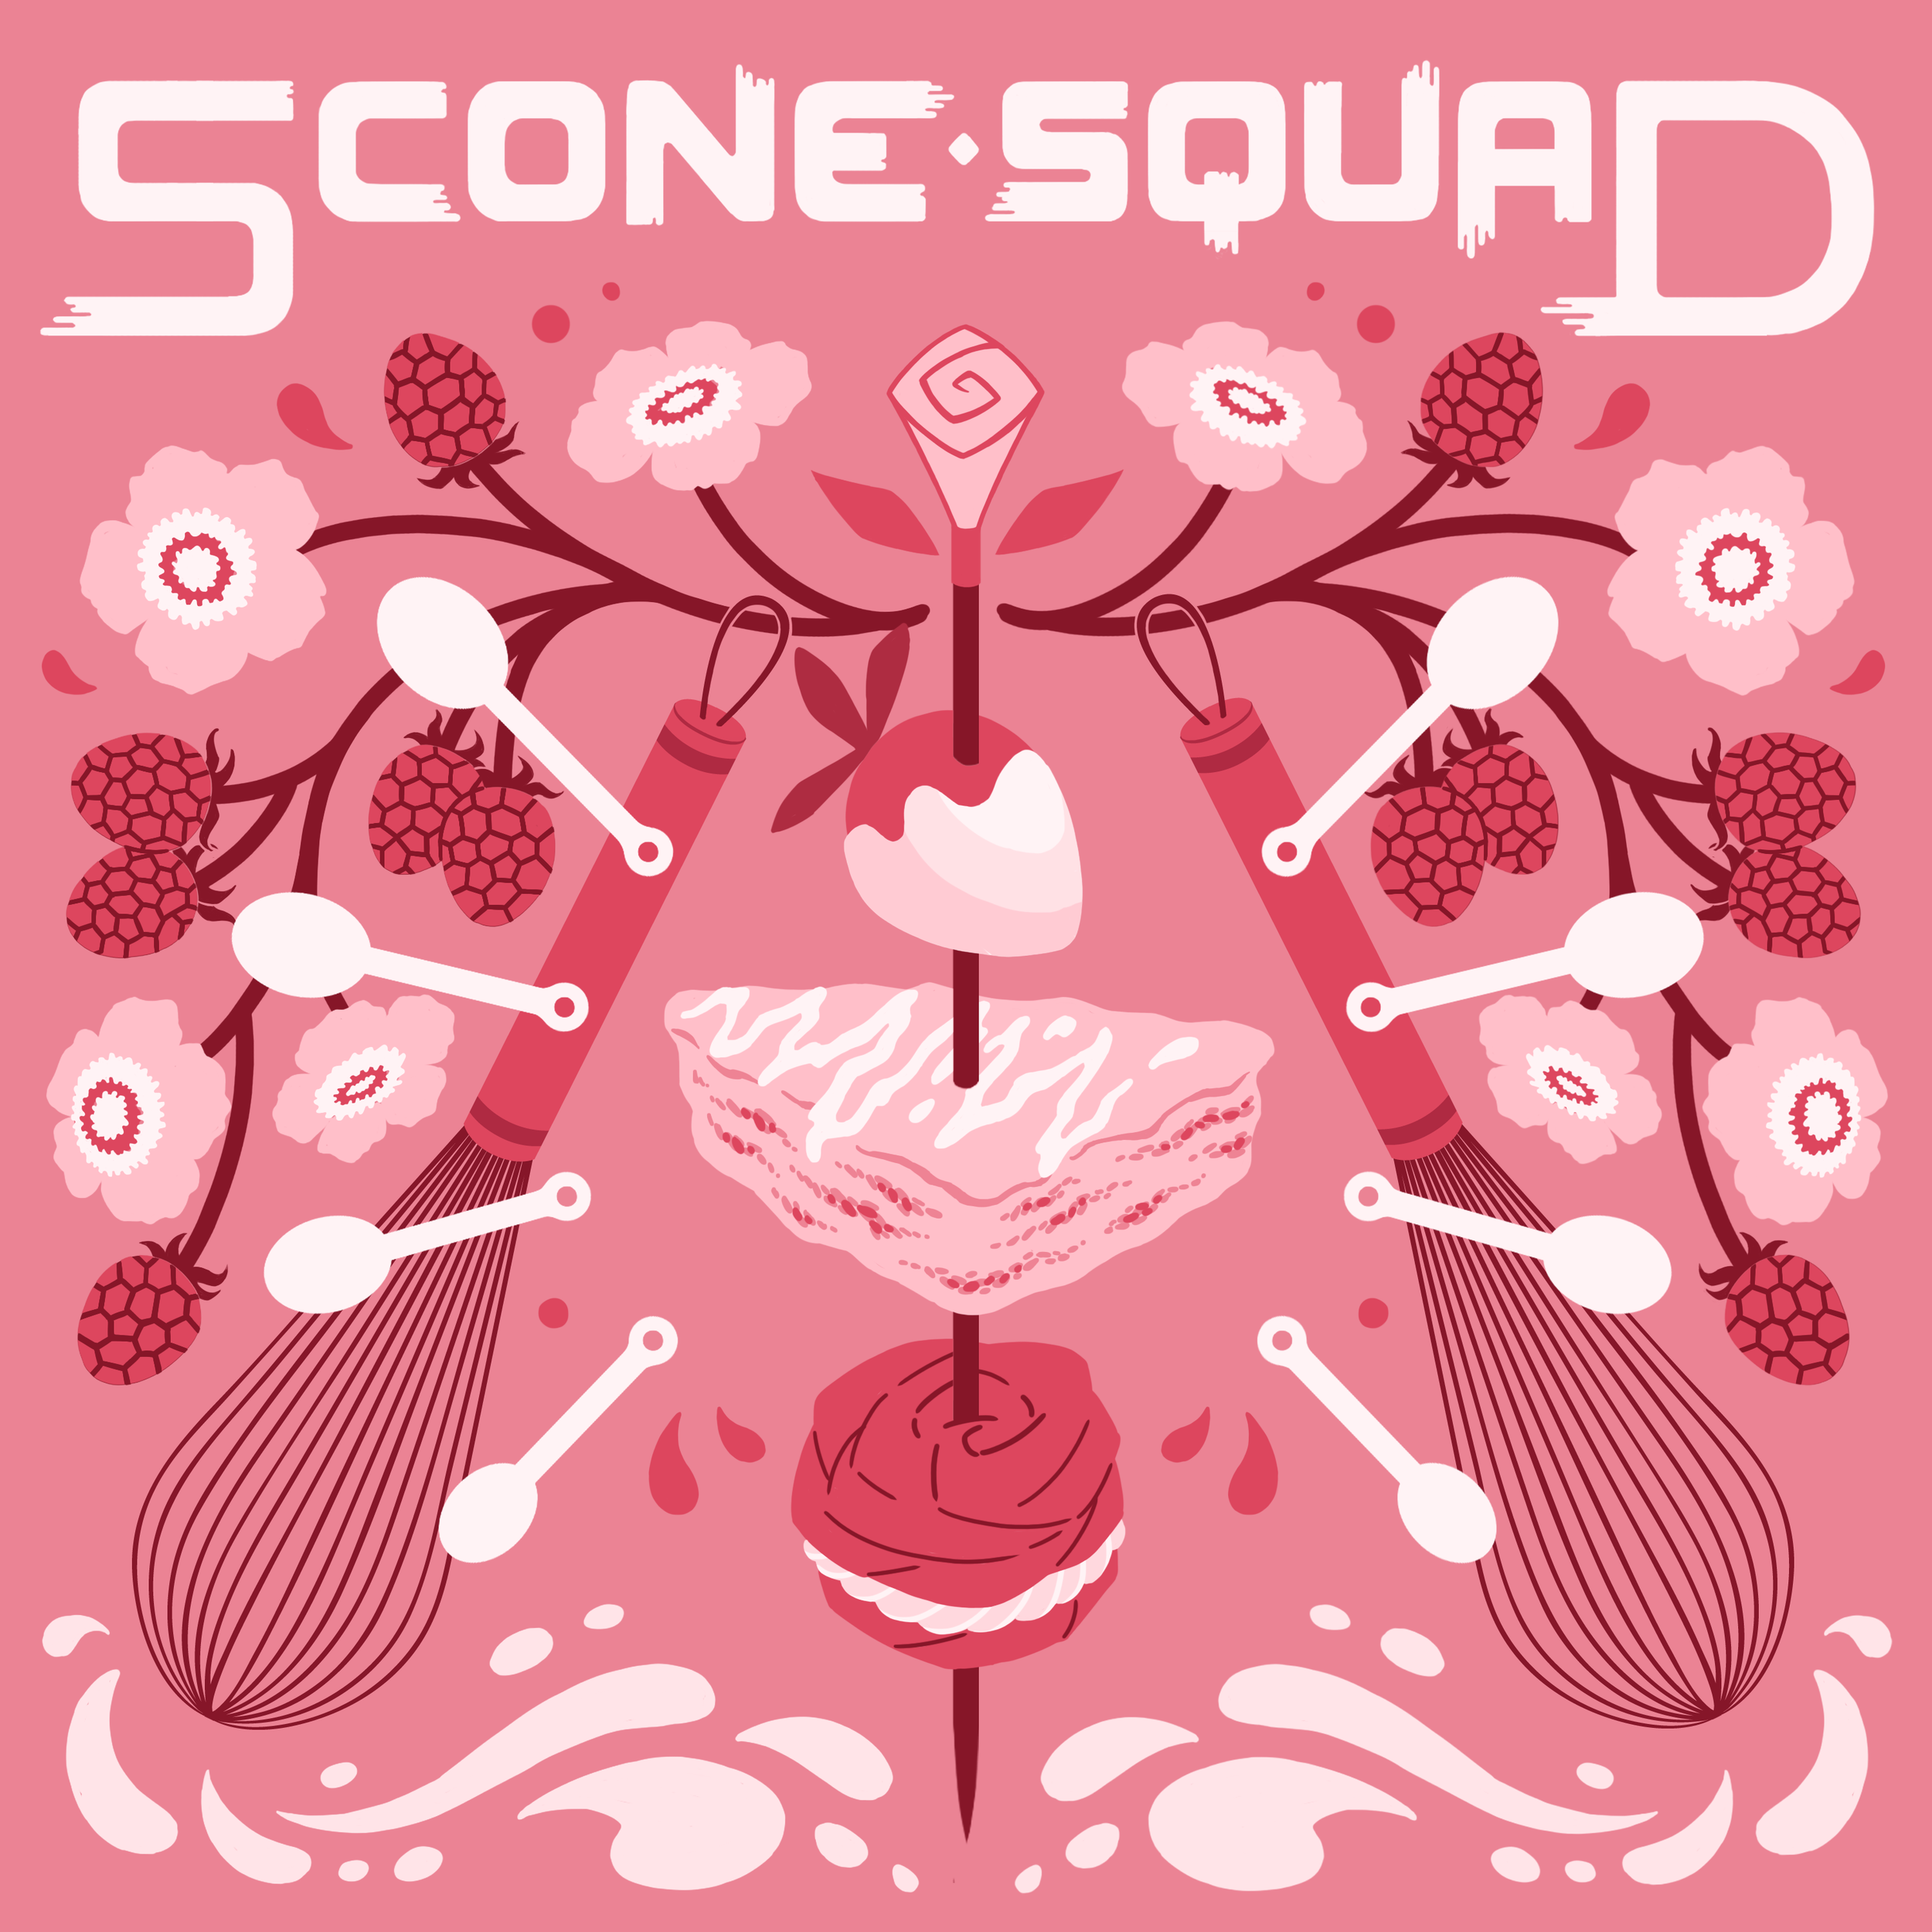 Scone Squad